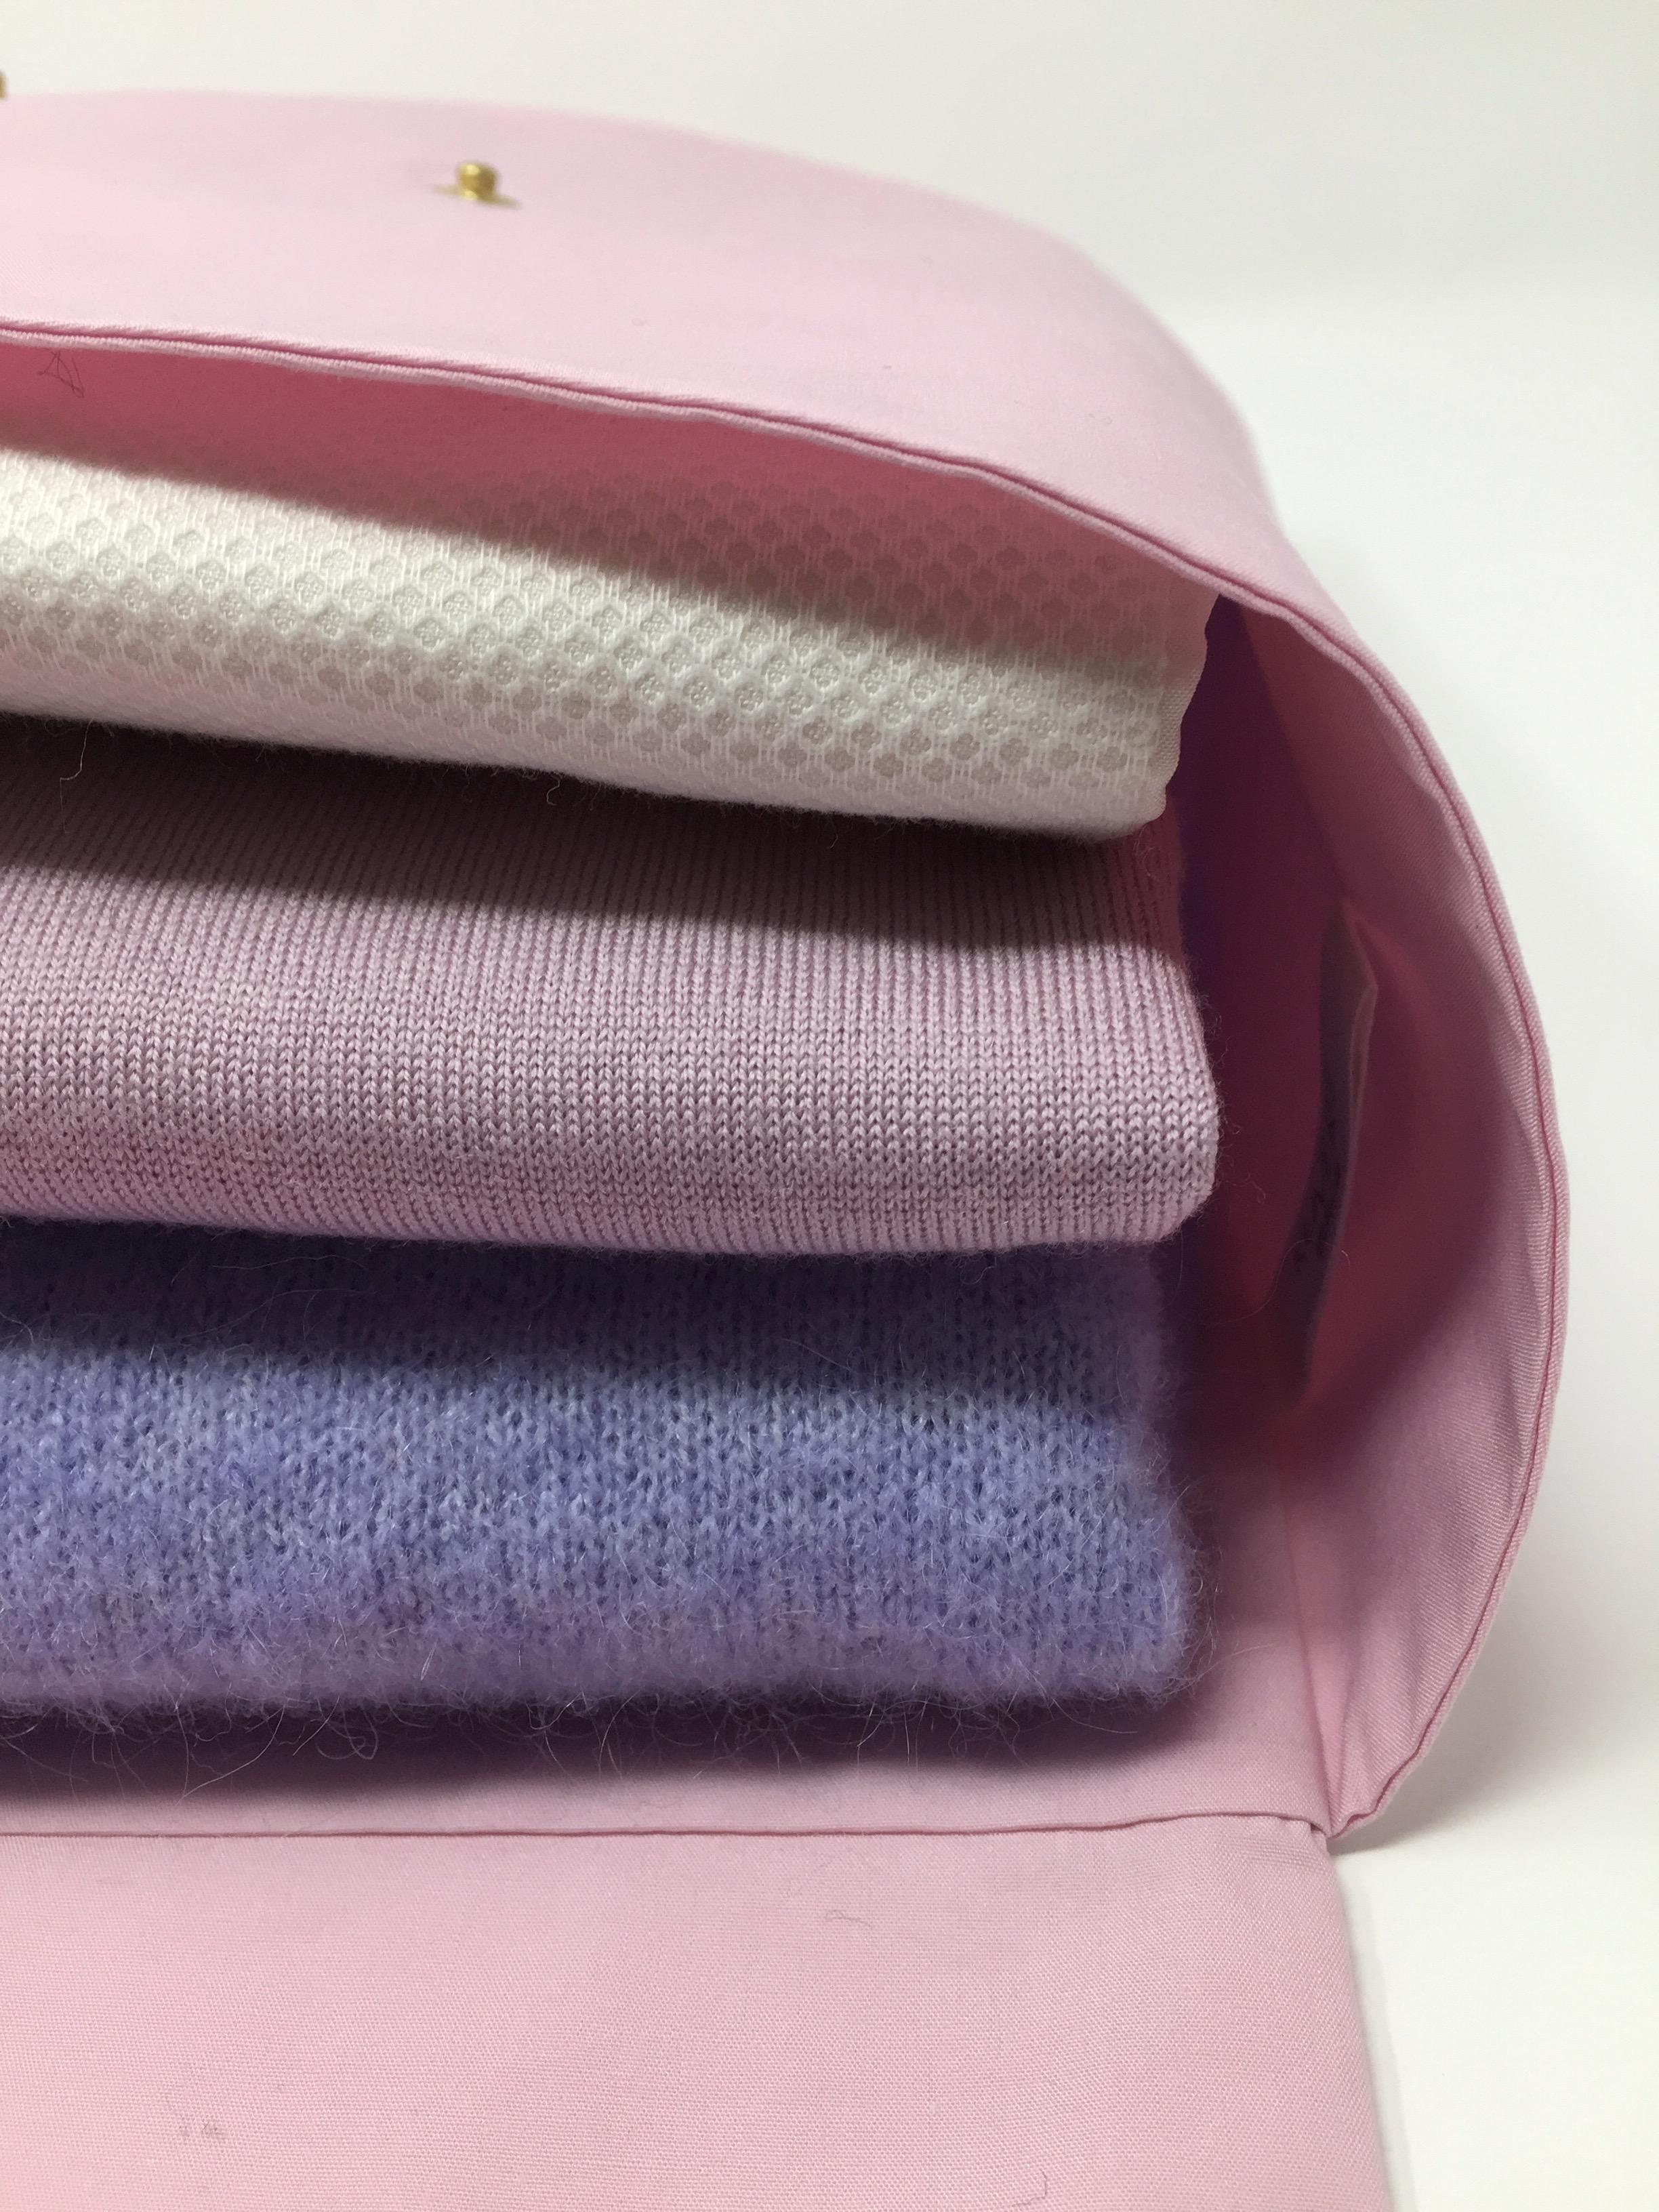 Unser Hemden Kuvert - Es hat ein wenig gedauert, bis wir den perfekten Schnitt für unser Hemden Kuvert gefunden hatten. Aber:es hat sich gelohnt!Nicht nur das Packen frisch gebügelter Blusen und Hemden ist nun unkompliziert und eine wahre Freude, sondern auch das Auspacken - und jeglicher Streß in Sachen Bügeln bleibt einem an Ankunftsort erspart.